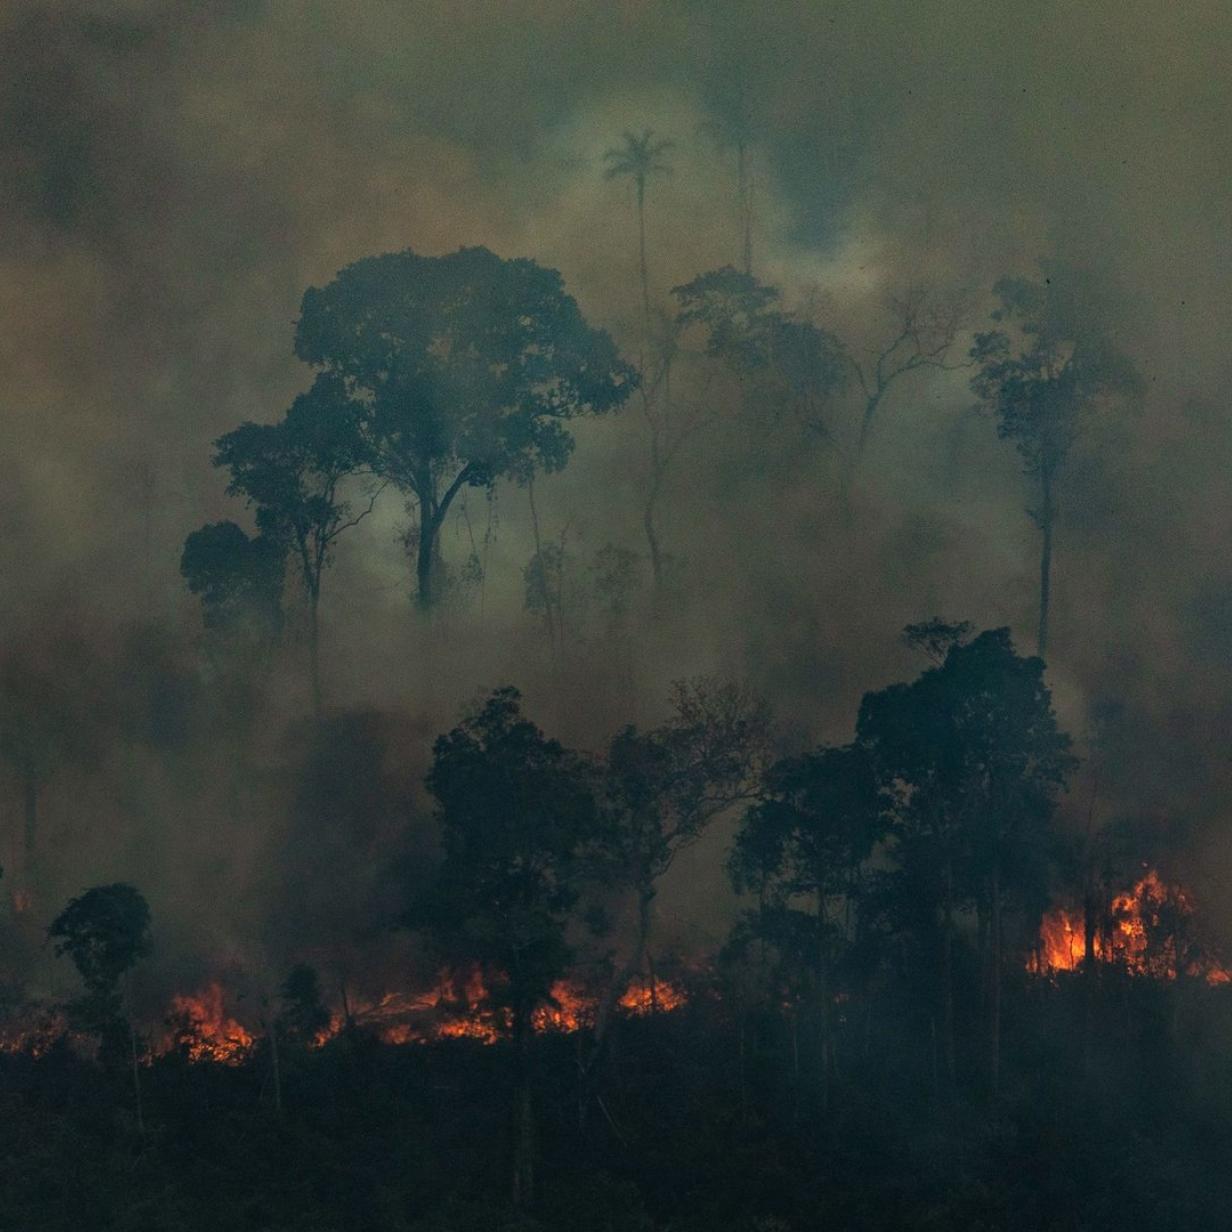 Großkonzerne und Investoren fordern Schutz des Amazonas